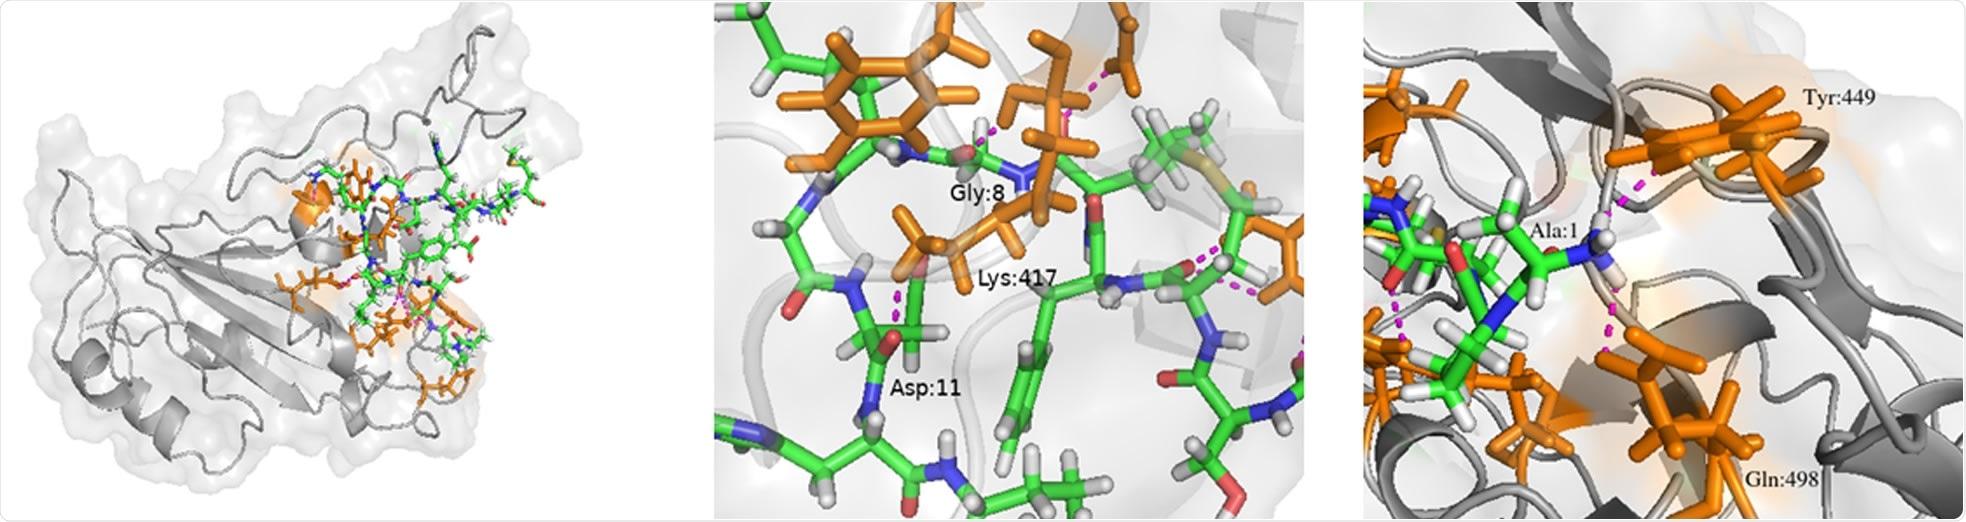 Complejo péptido 7-SARS-CoV-2 RBD.  Se resaltan el Péptido 7 (regaliz verde, azul y blanco), RBD (gris) y los residuos en RBD que interactúan con el Péptido 7 (regaliz naranja).  (b) Enlace de hidrógeno entre el péptido 7 Gly8 y Asp11 con RBD Lys417.  (c) Enlace de hidrógeno entre Ala1 y Tyr449.